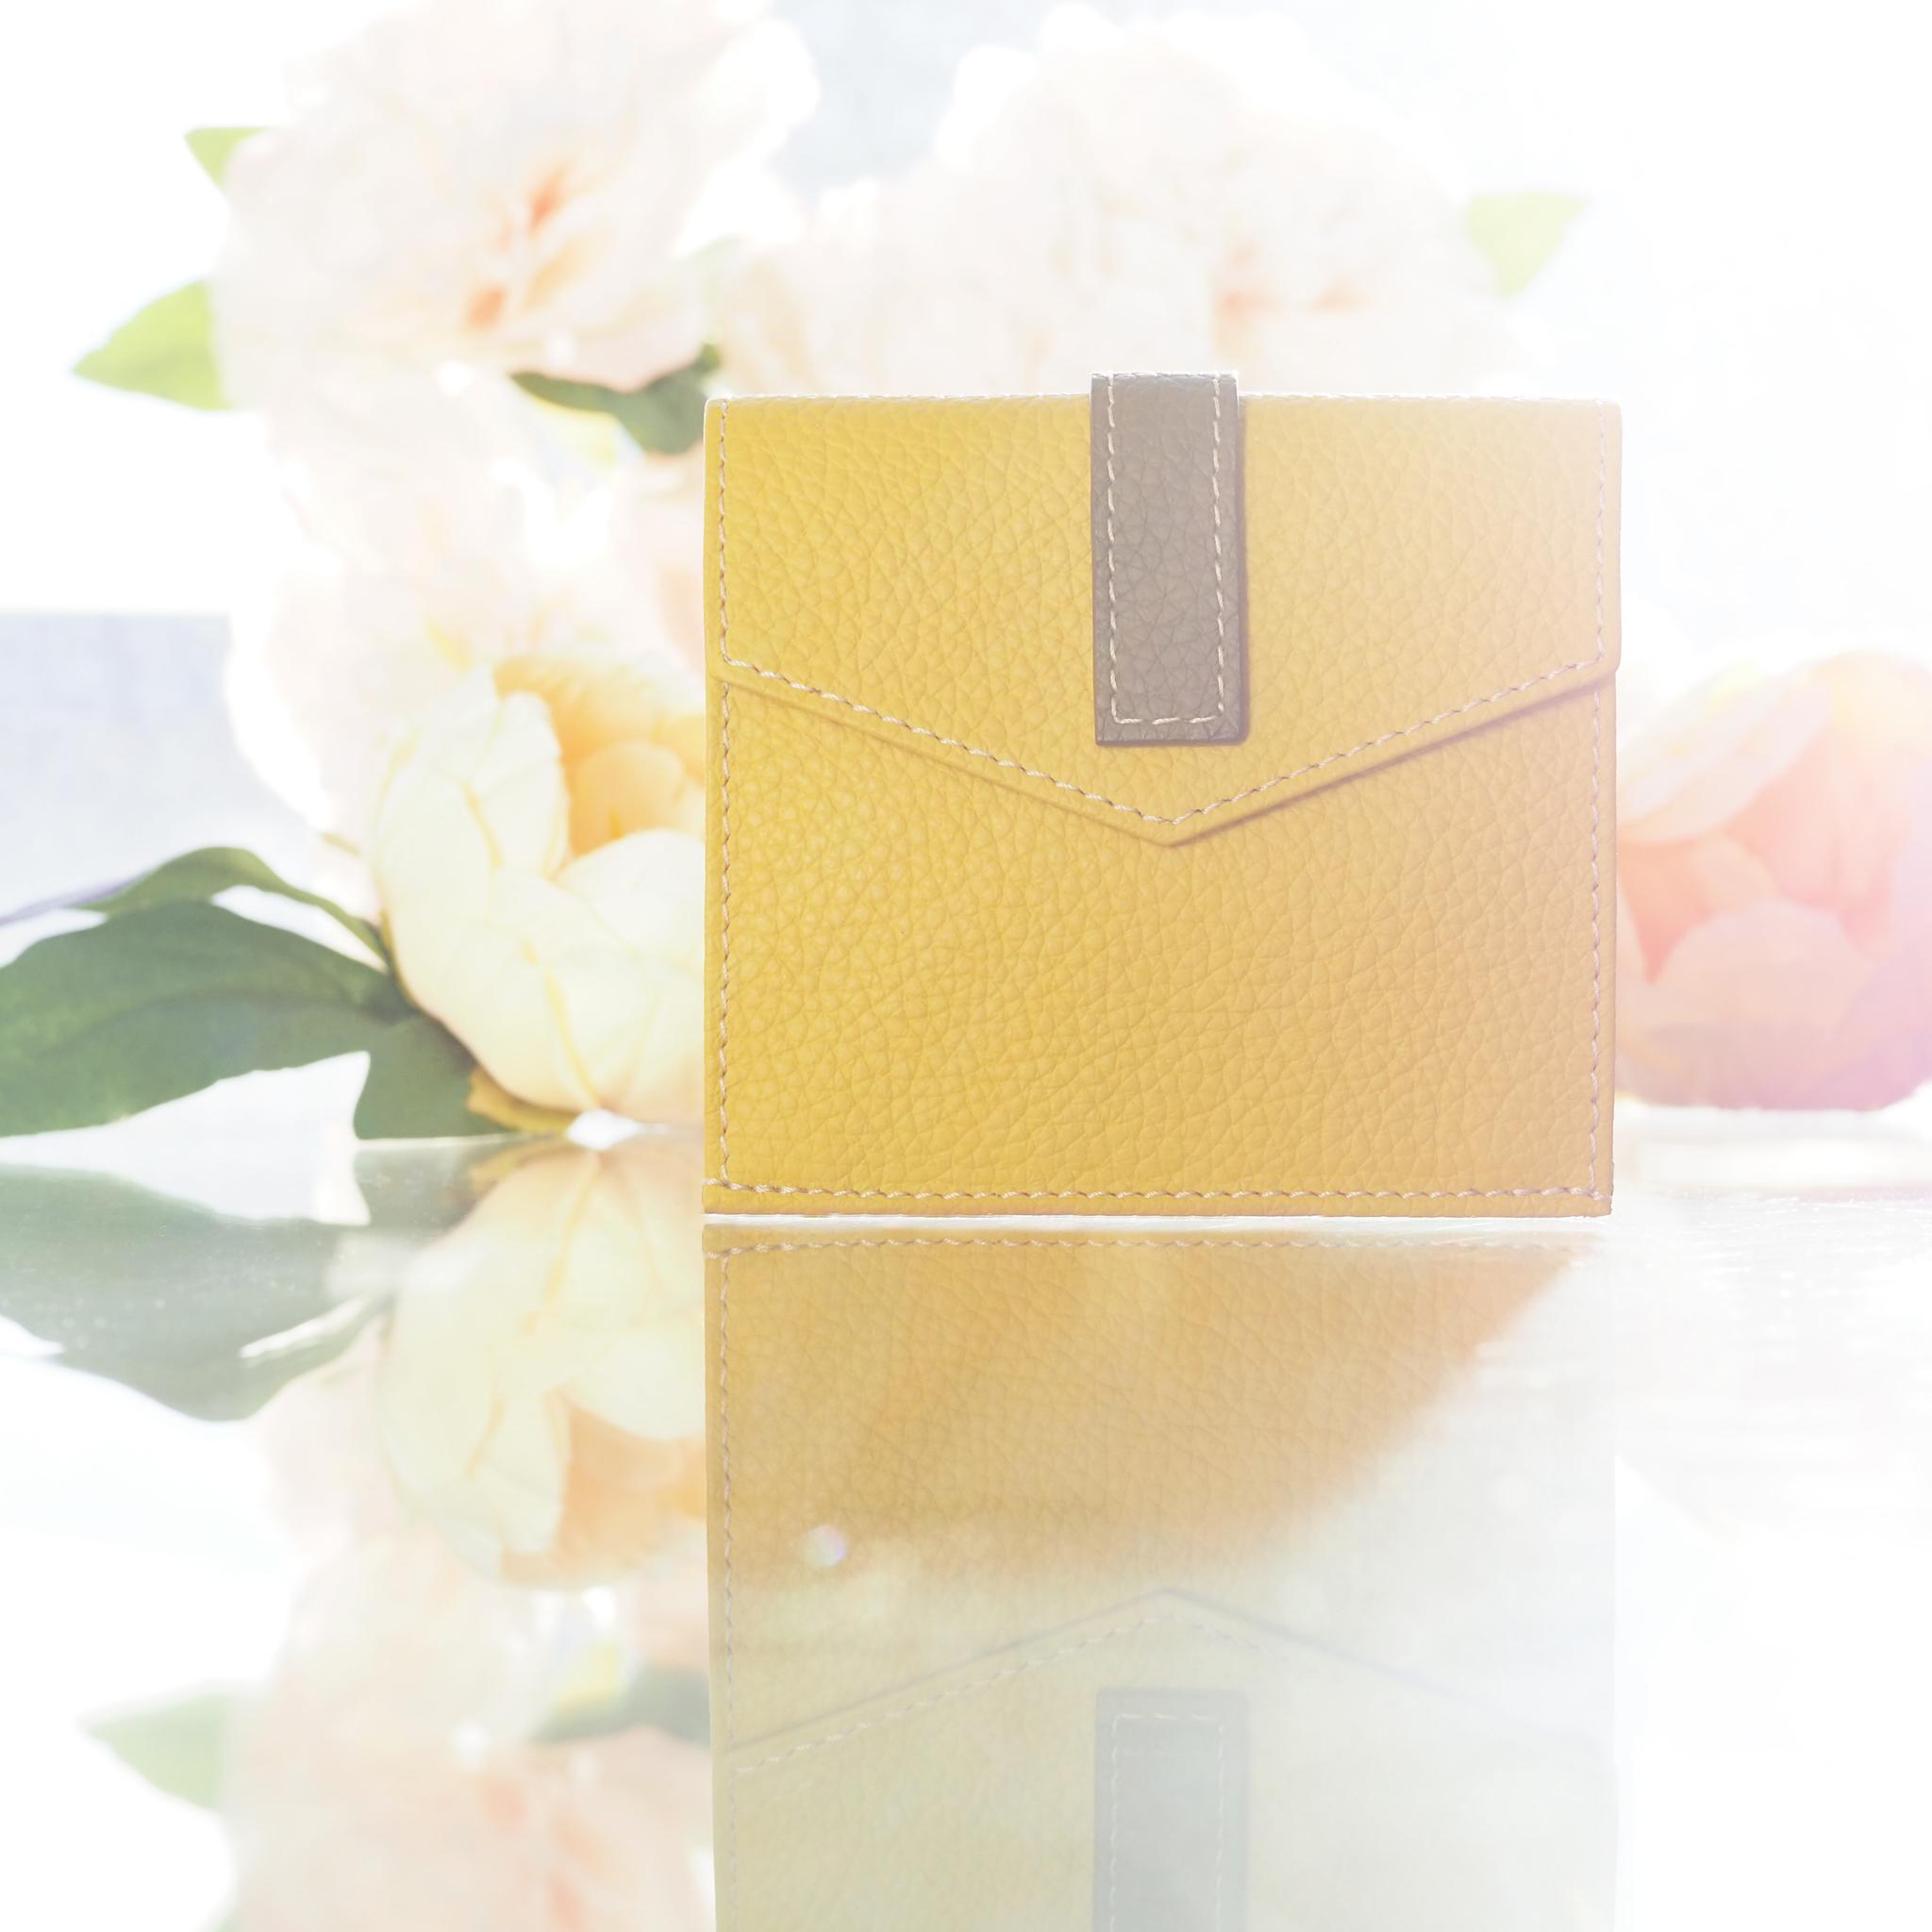 Картхолдер-кошелек Perle Bicolor из натуральной кожи теленка, желтого цвета